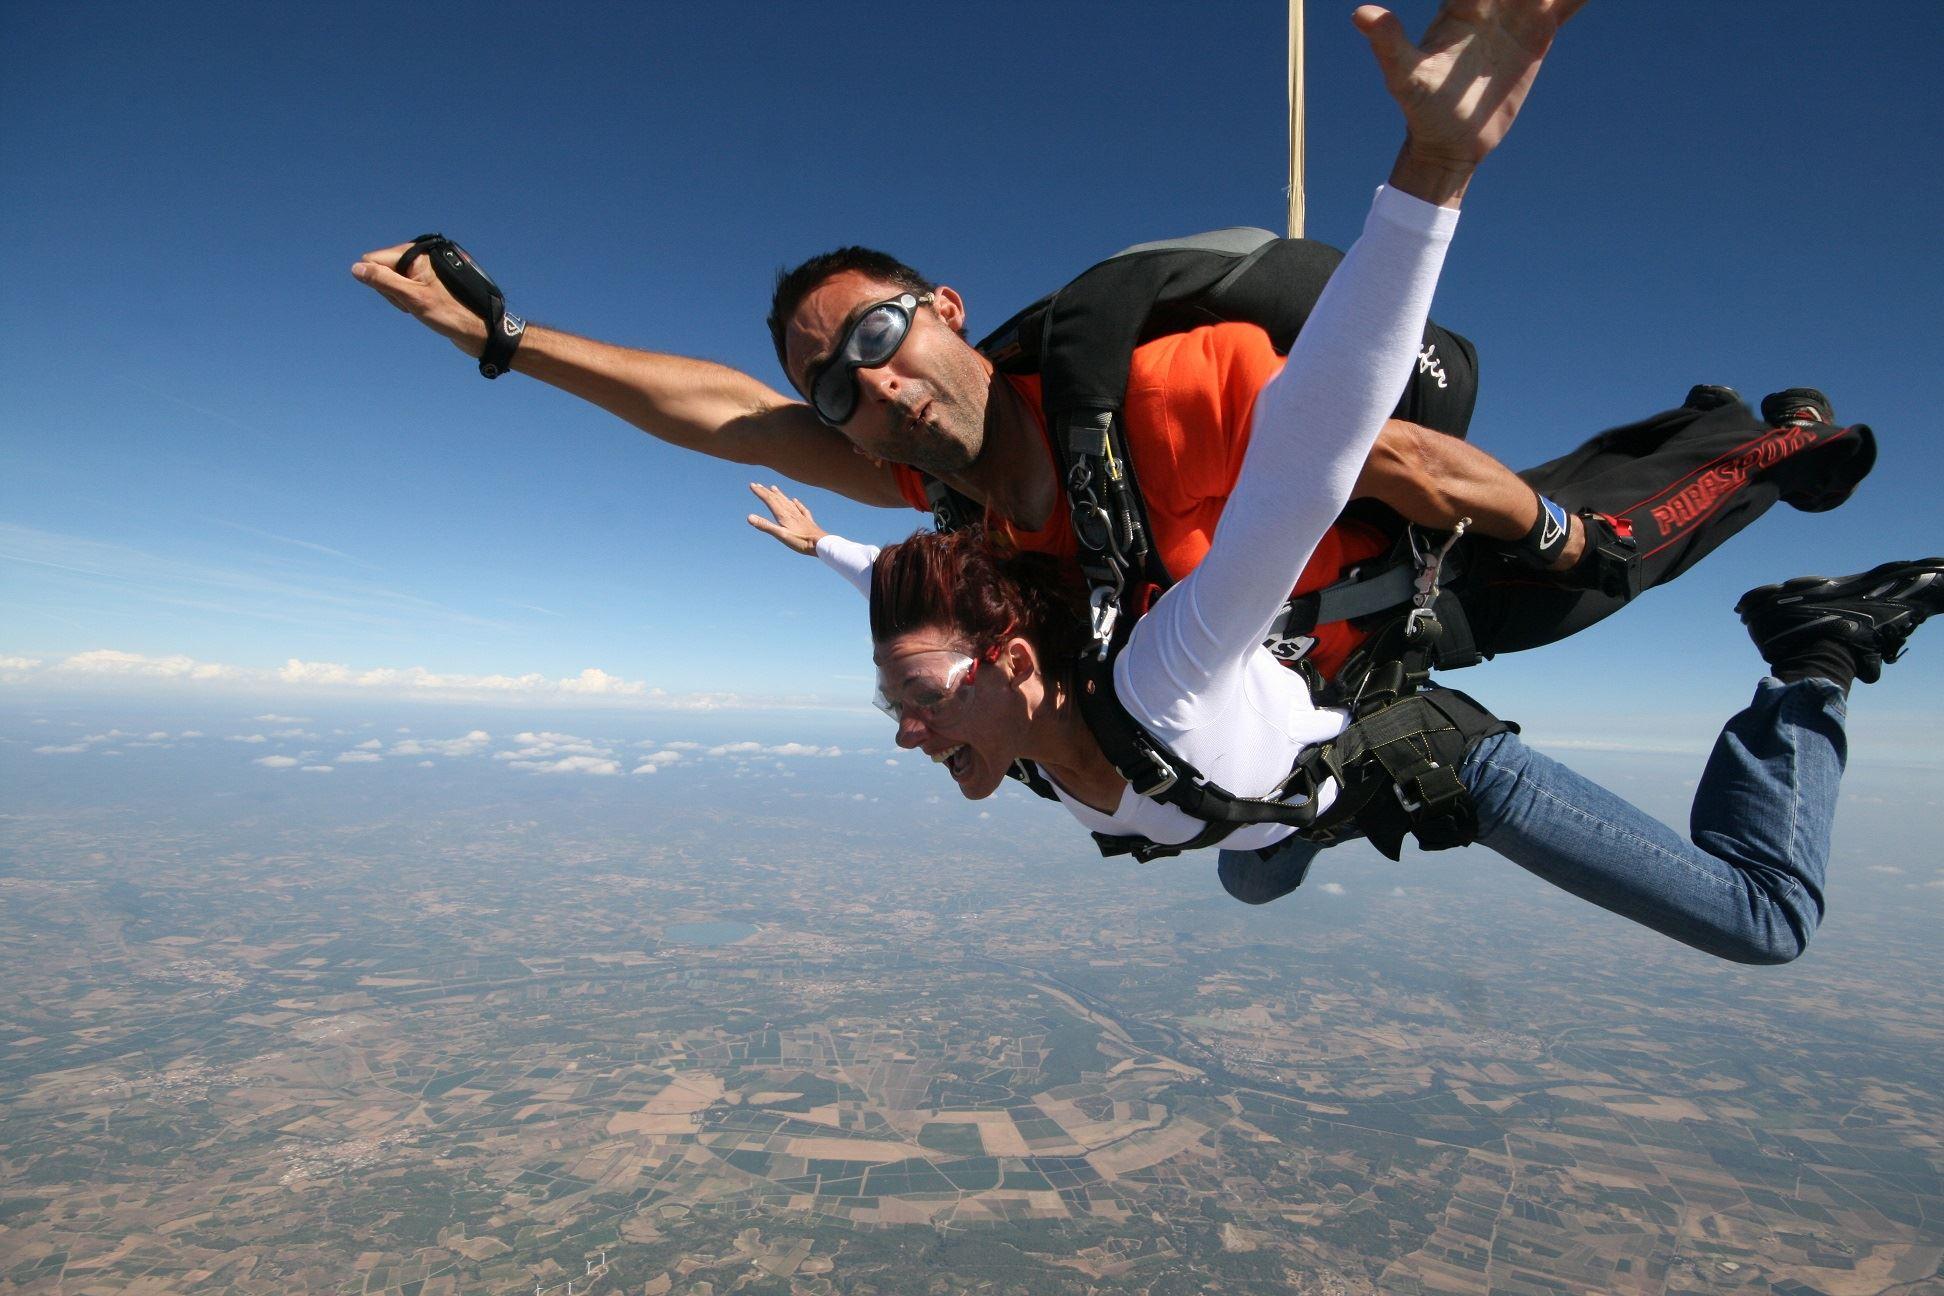 Saut en parachute tandem avec Chutextrem